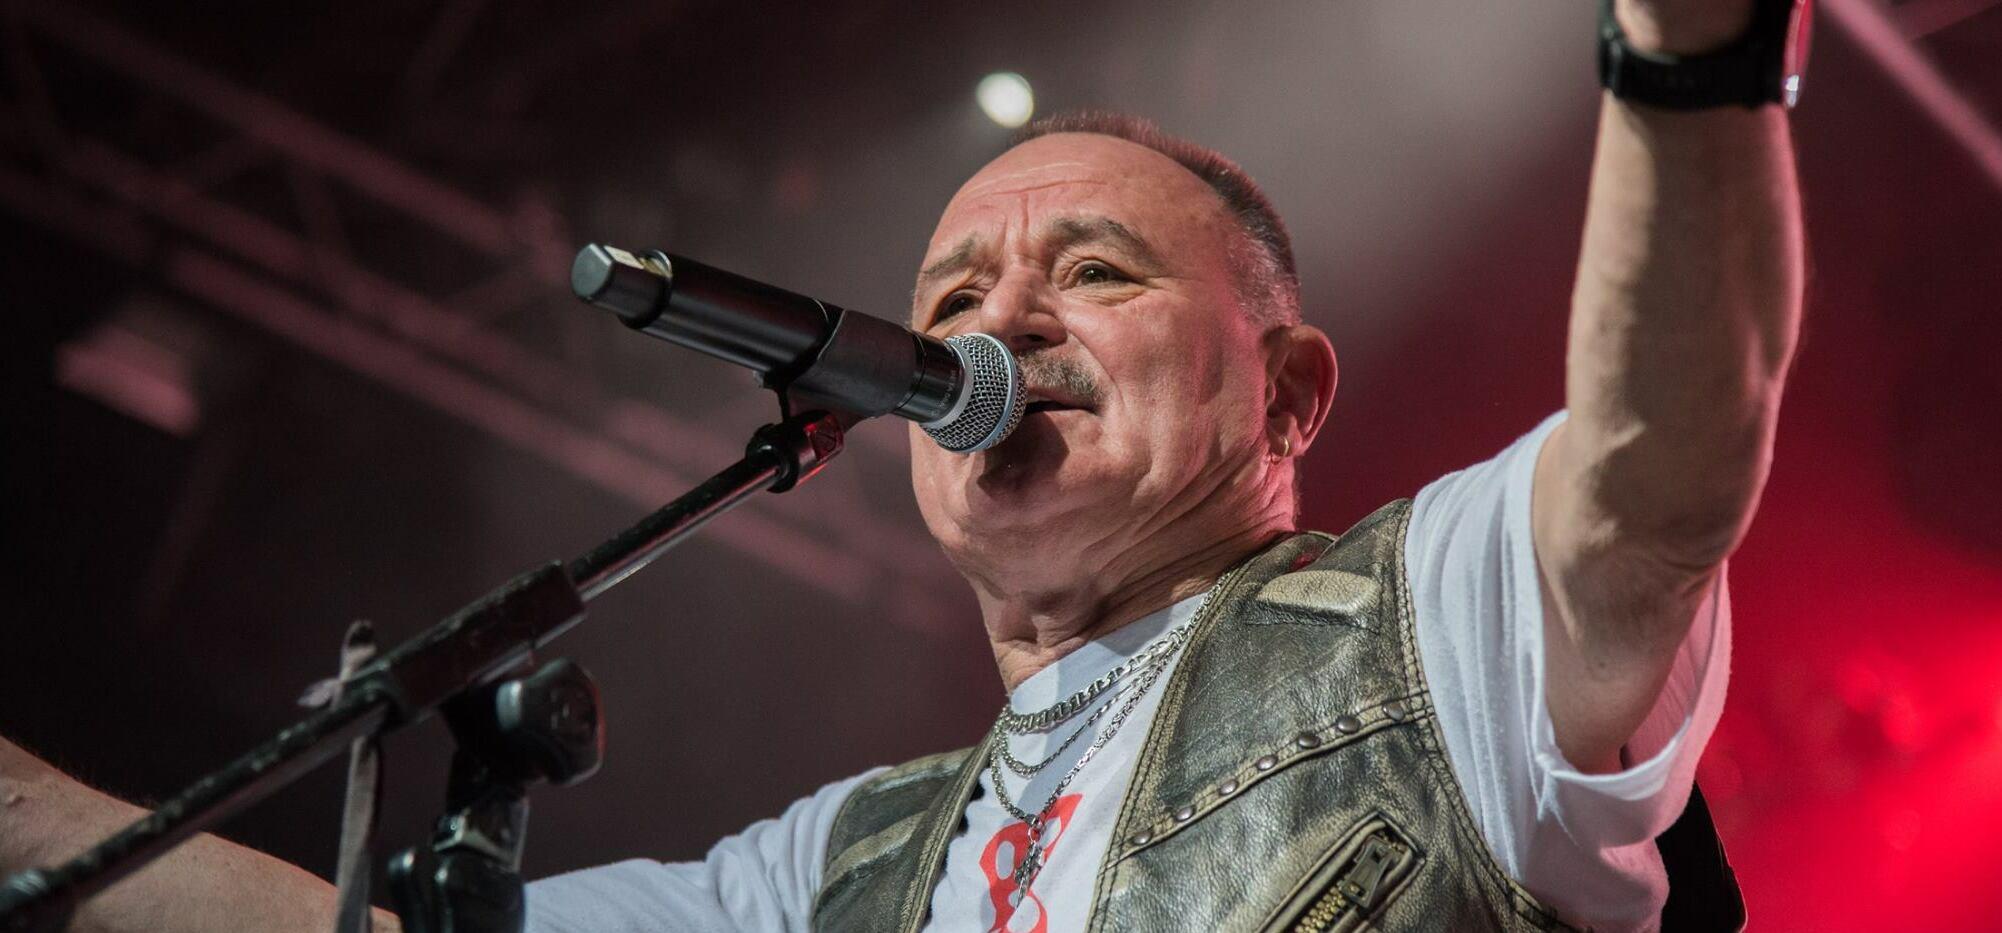 Tátrai Tibor gitáros és Nagy Feró is megkapta a Kossuth-díjat